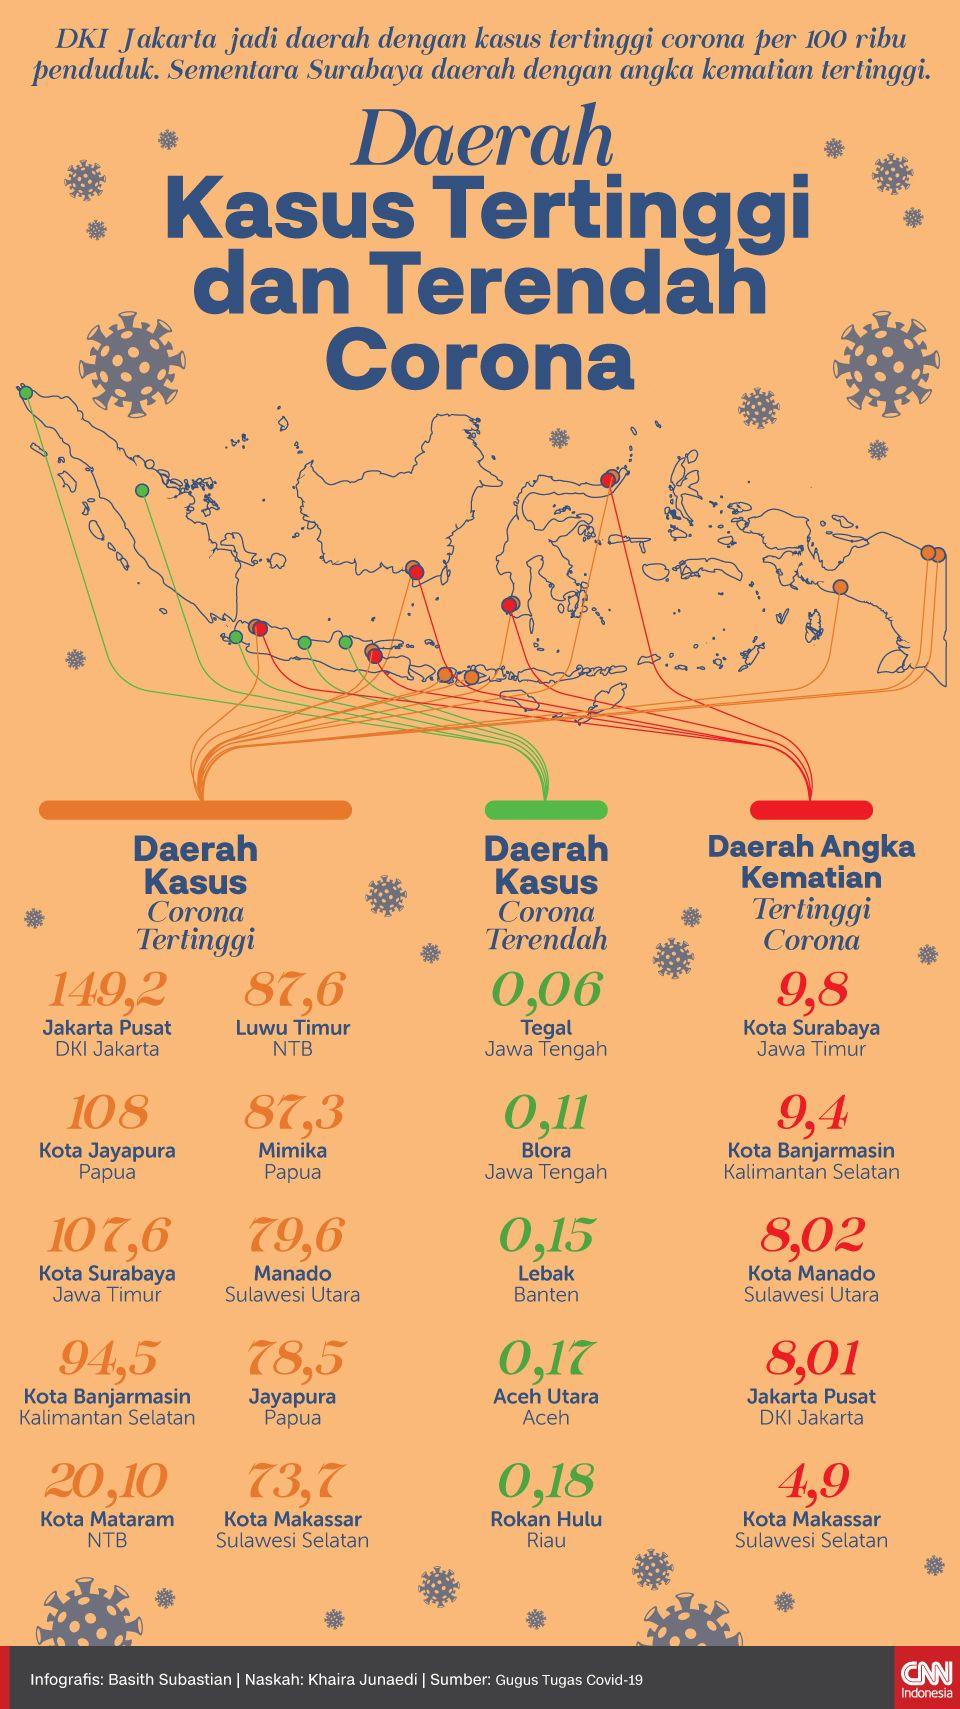 Infografis Daerah Kasus Tertinggi dan Terendah Corona